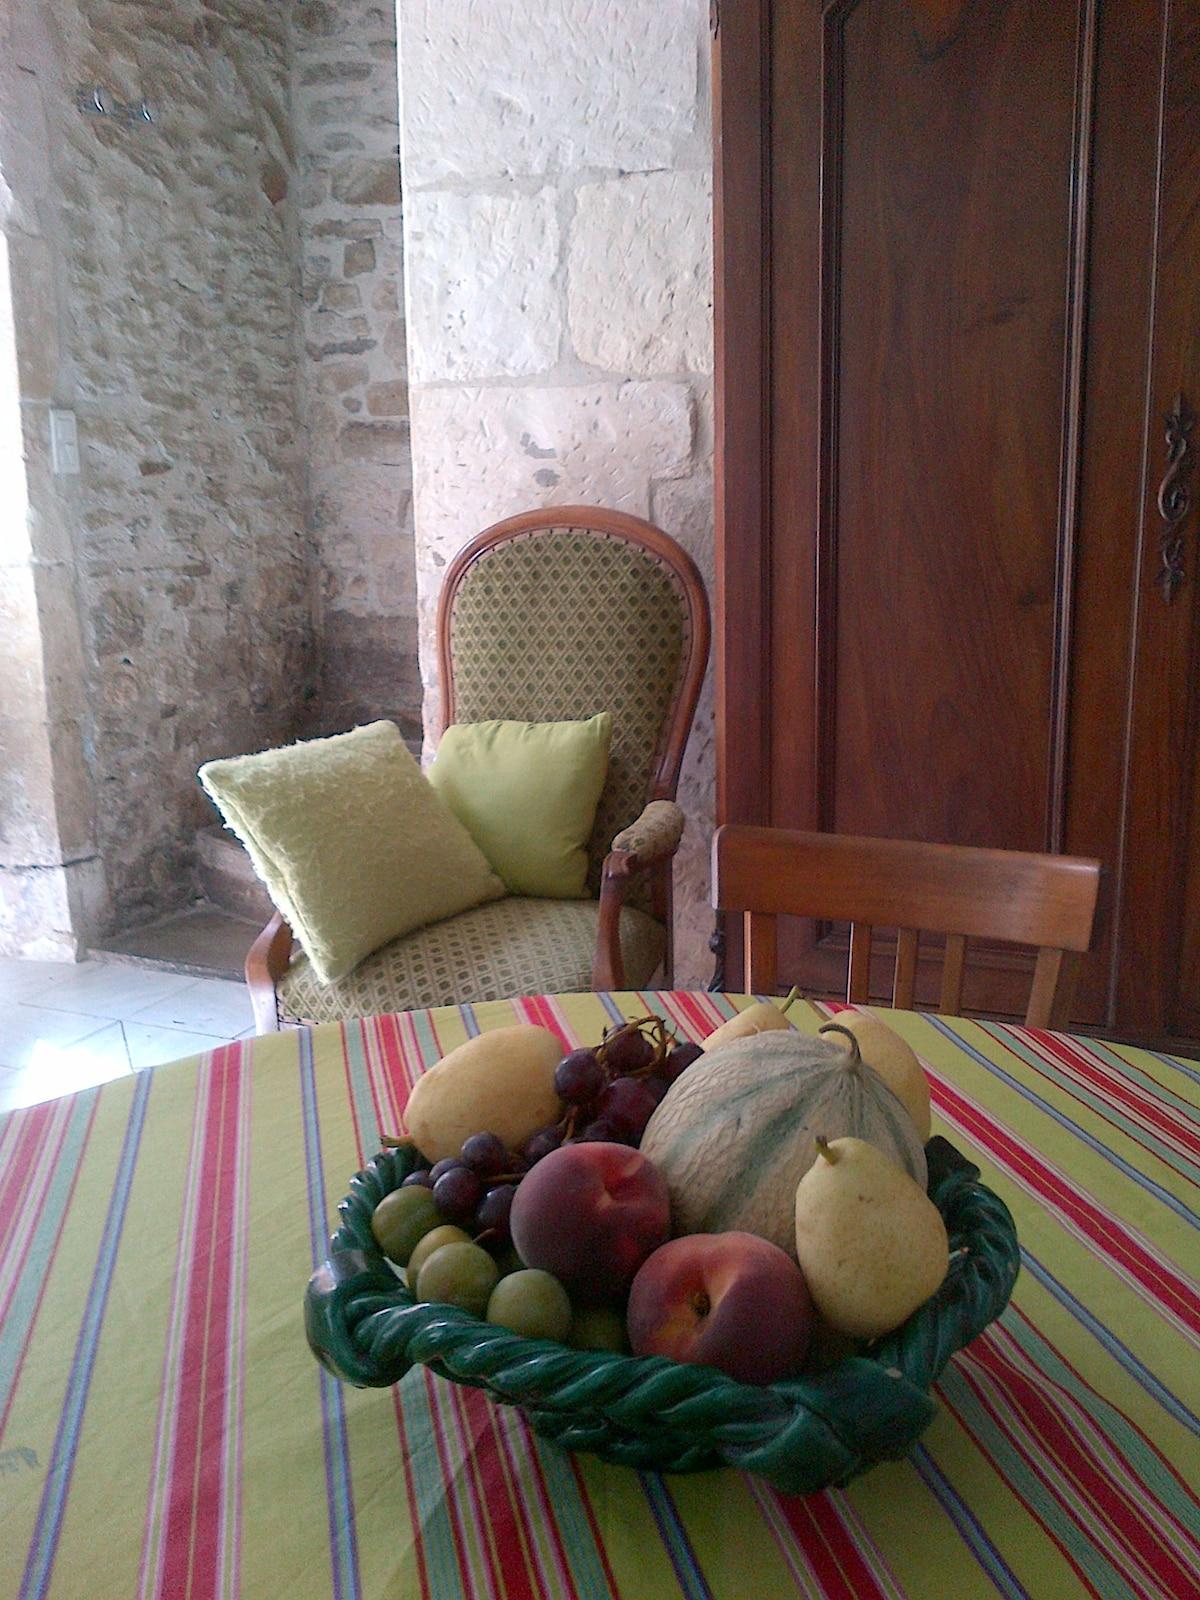 Les fruits des marchés de Provence /Beautiful fruit from local markets